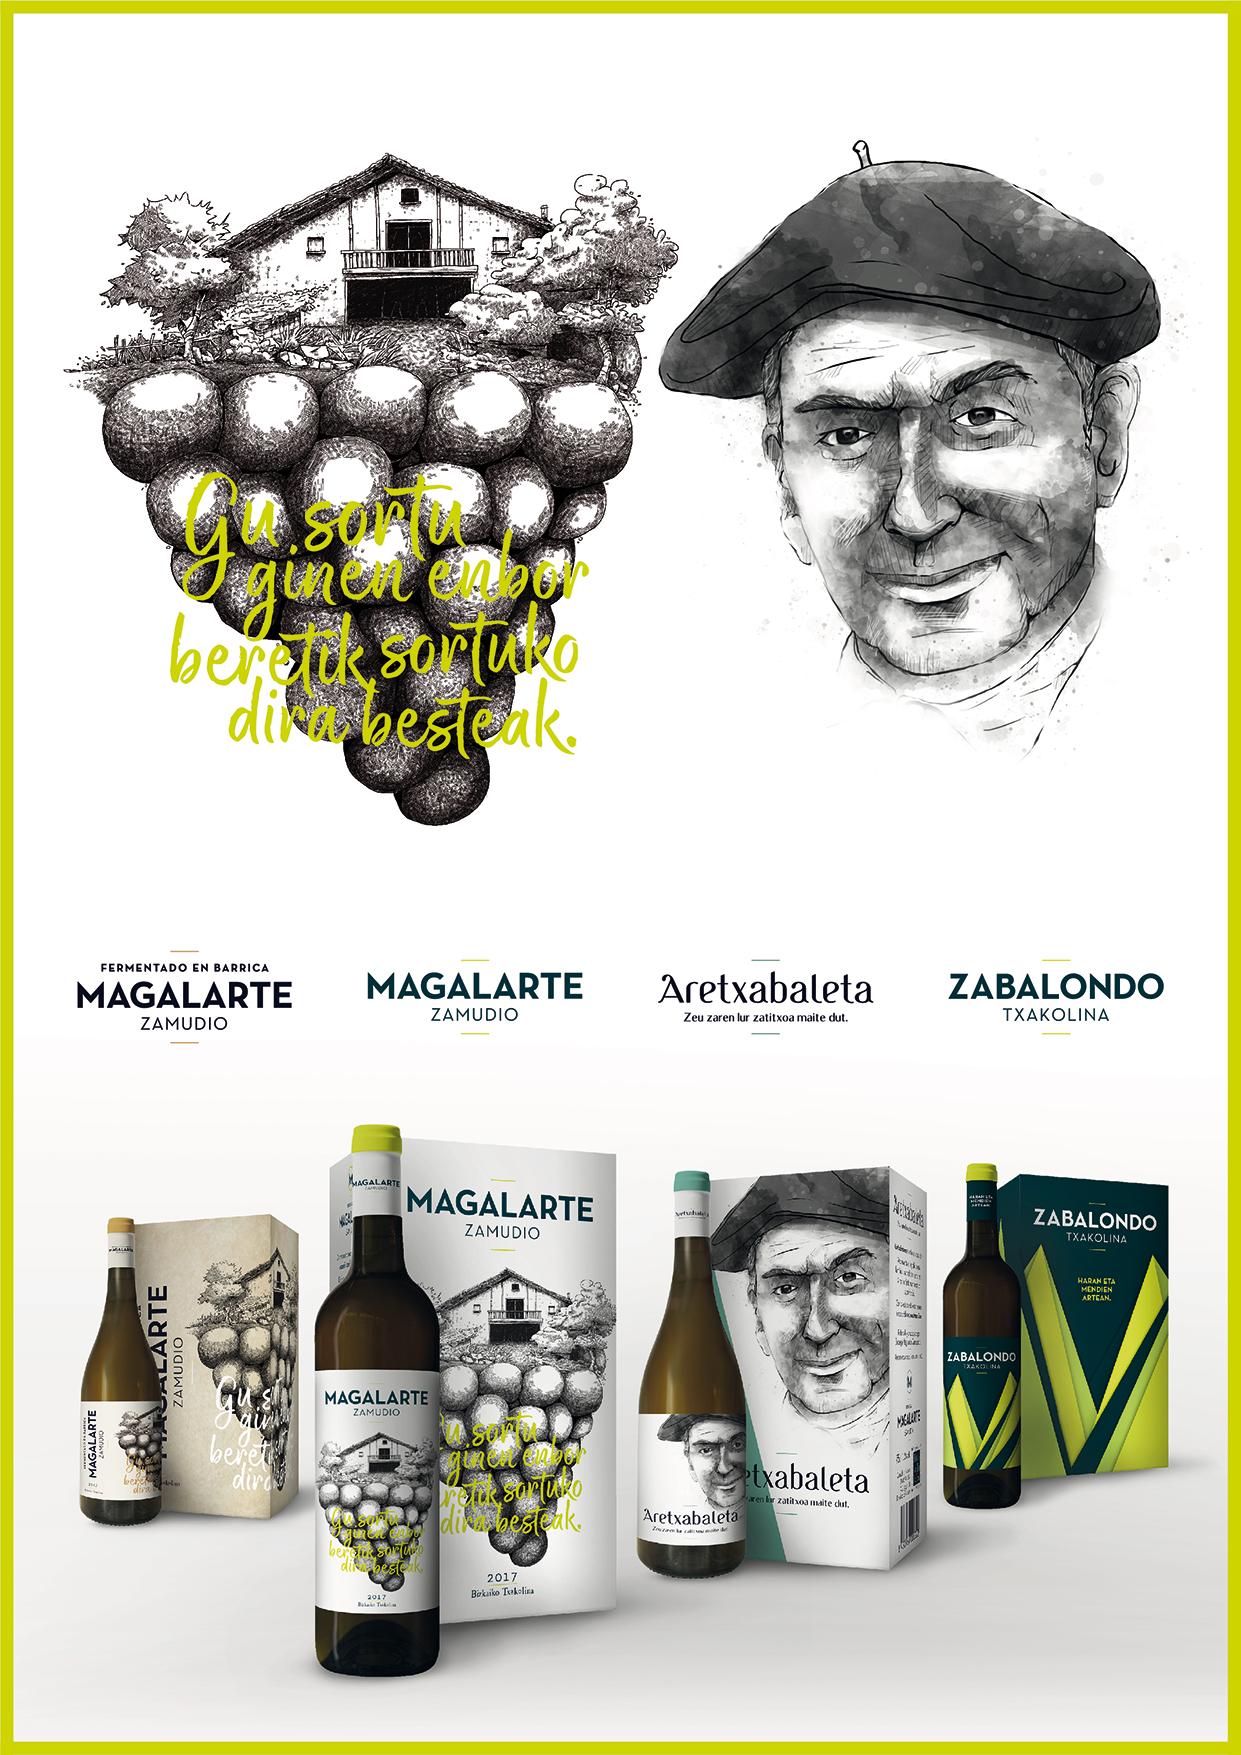 Bodega Magalarte Zamudio by Sirope - Creative Work - $i